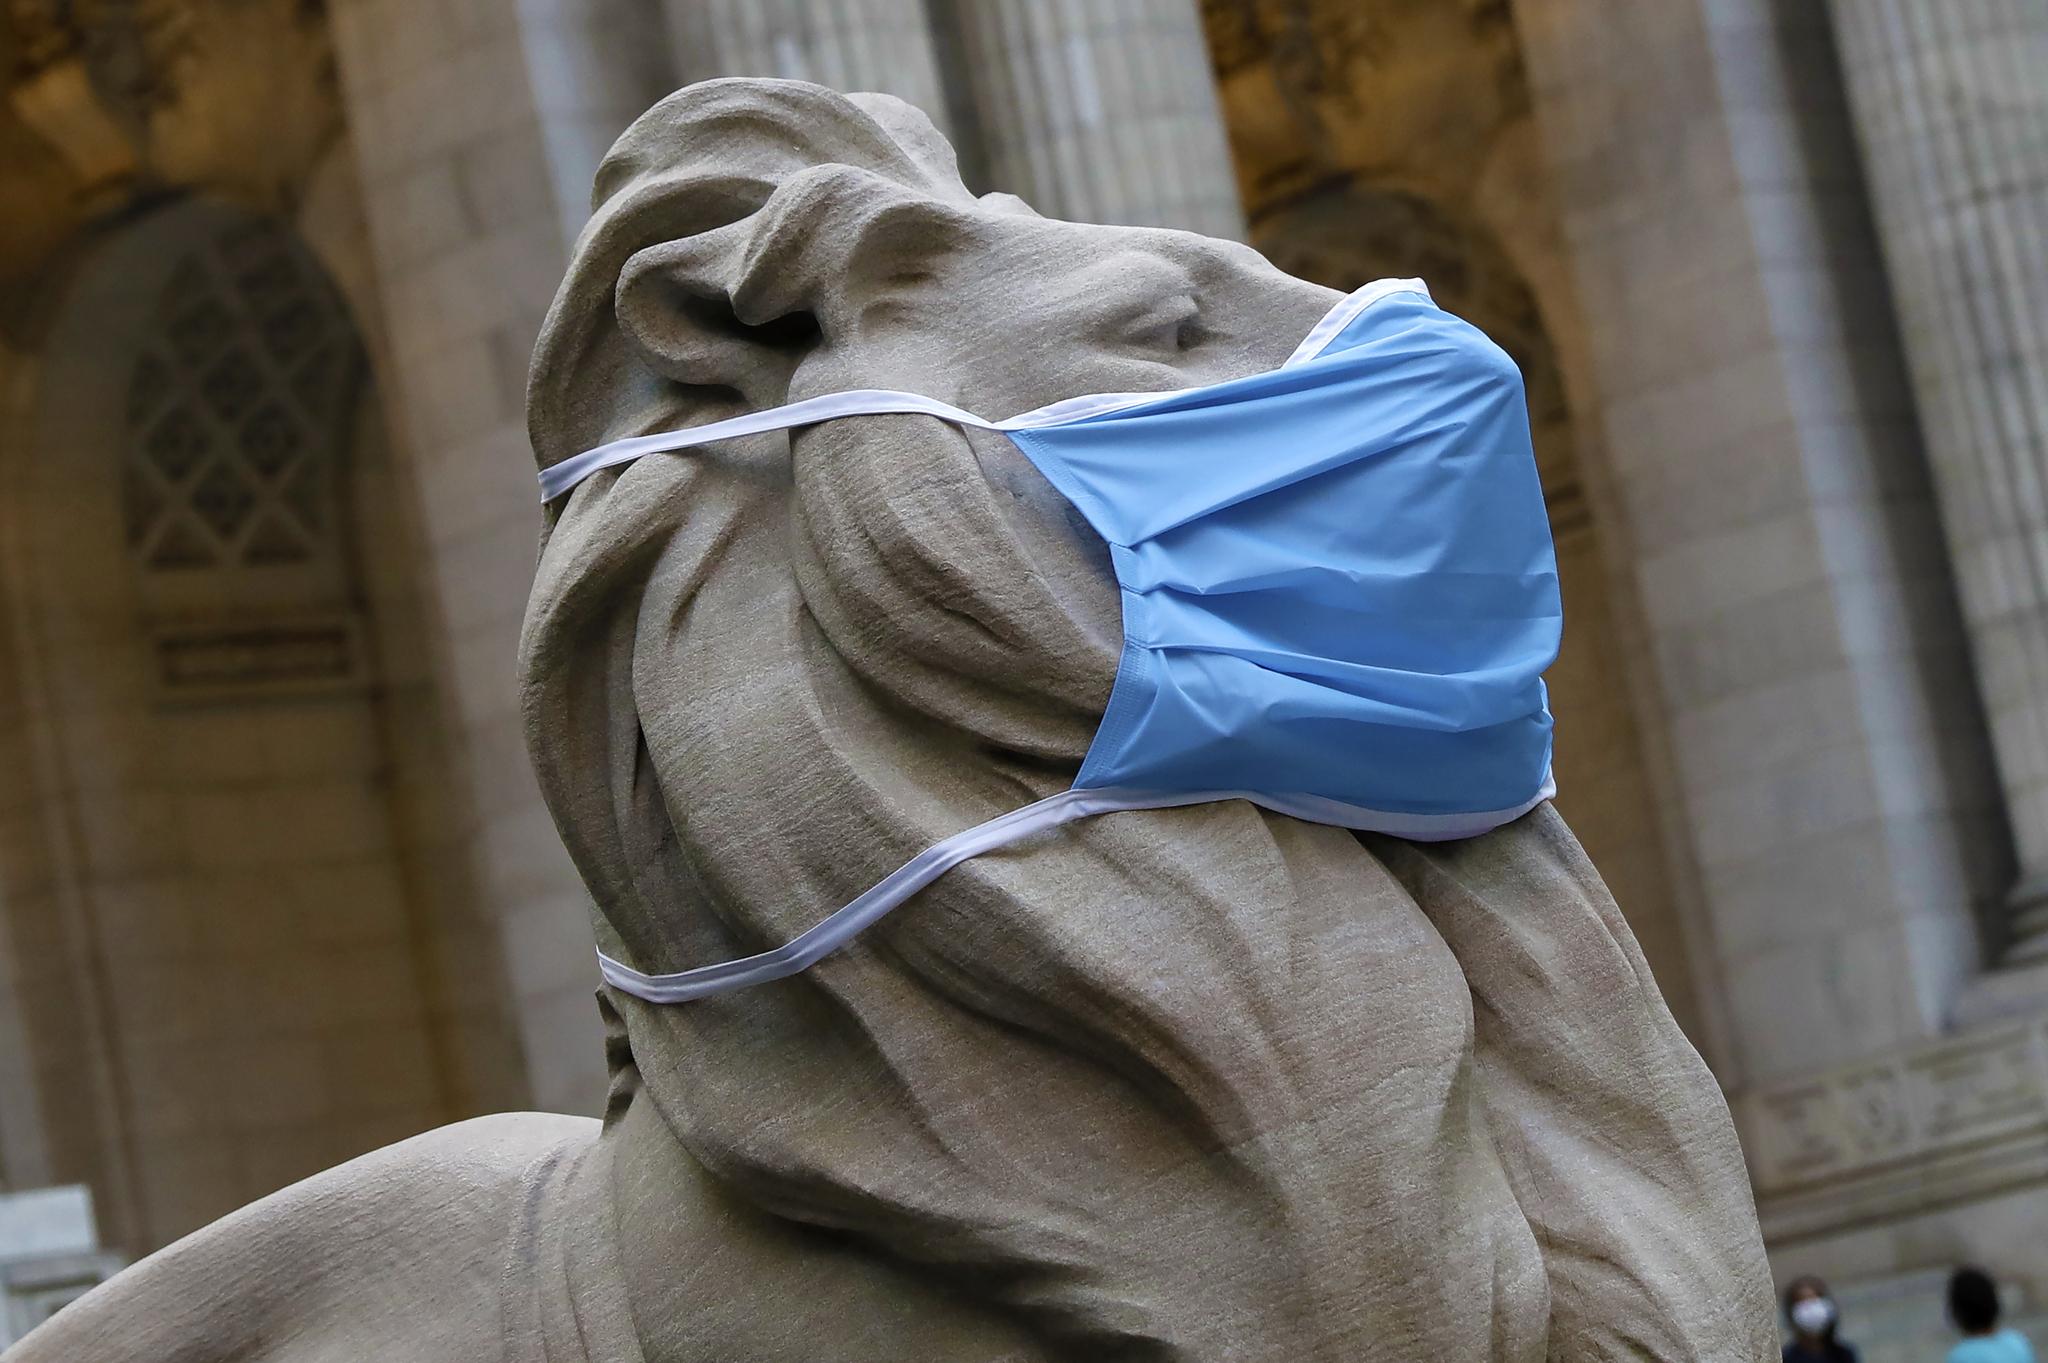 지난달 30일(현지시간) 미국 뉴욕의 공공 도서관 앞에 있는 사자상이 대형 마스크를 쓰고 있다. 사람들에게 마스크 착용의 필요성을 알리기 위해 이뤄진 변화다. [EPA=연합뉴스]